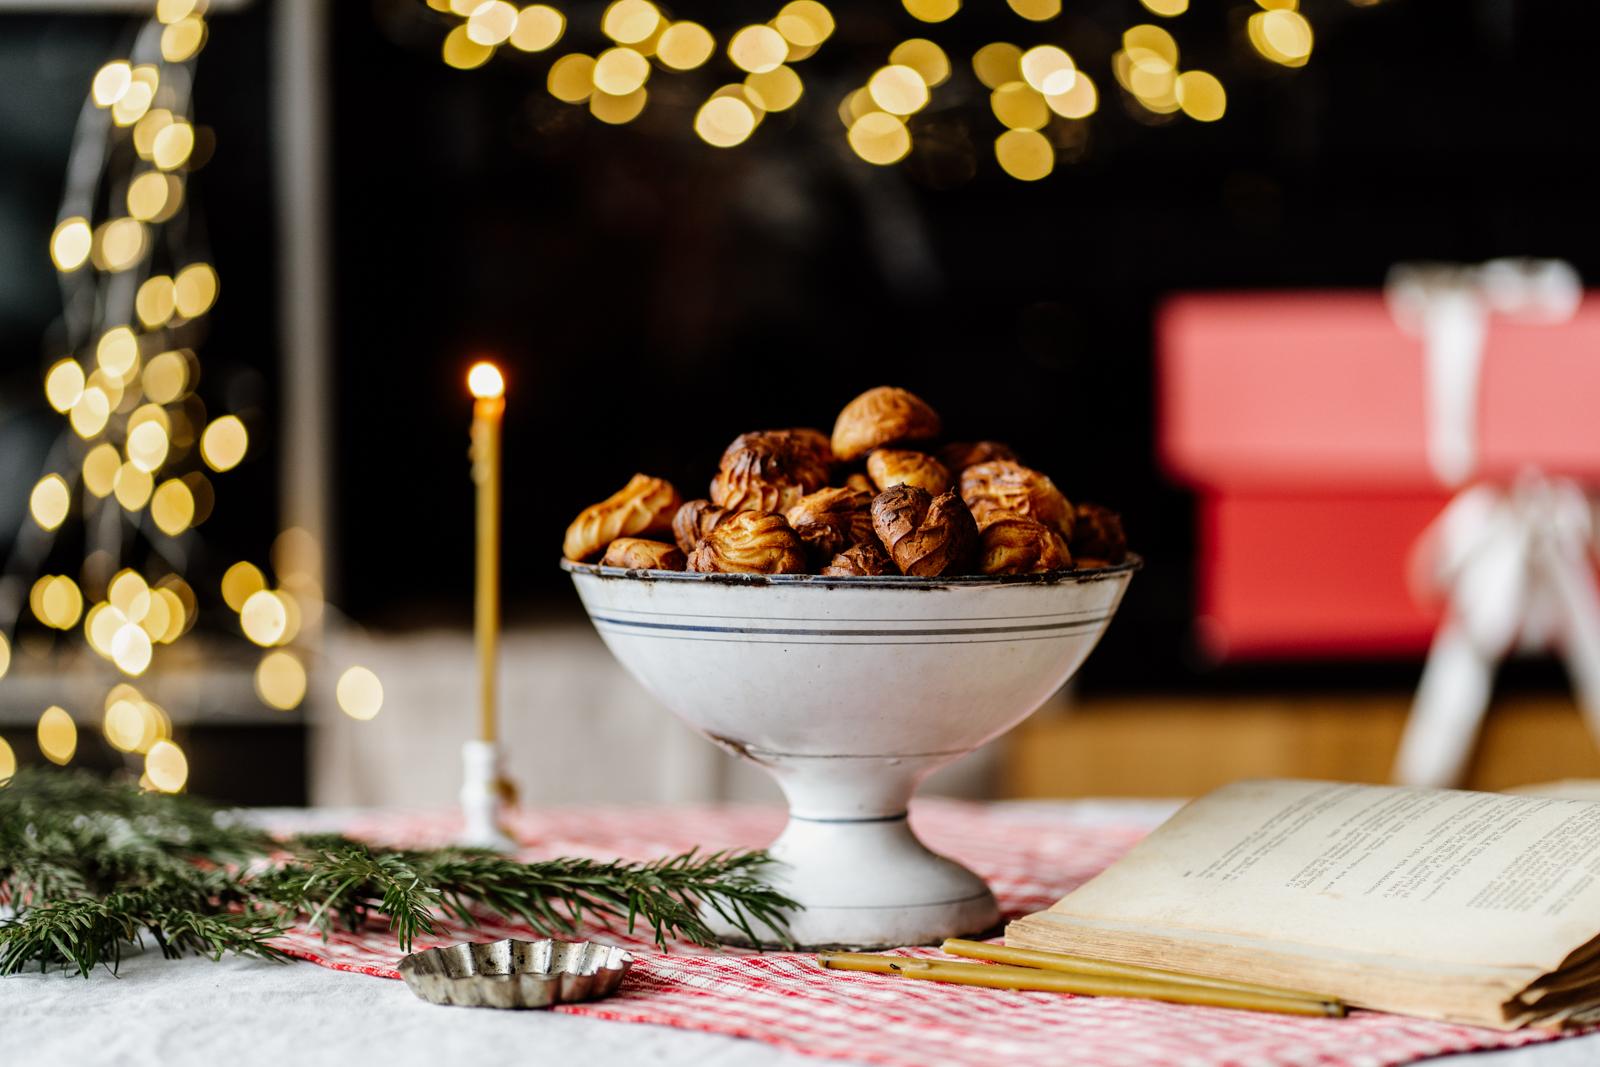 Plikyti sausainiai | Kepimo akademijos nuotr.